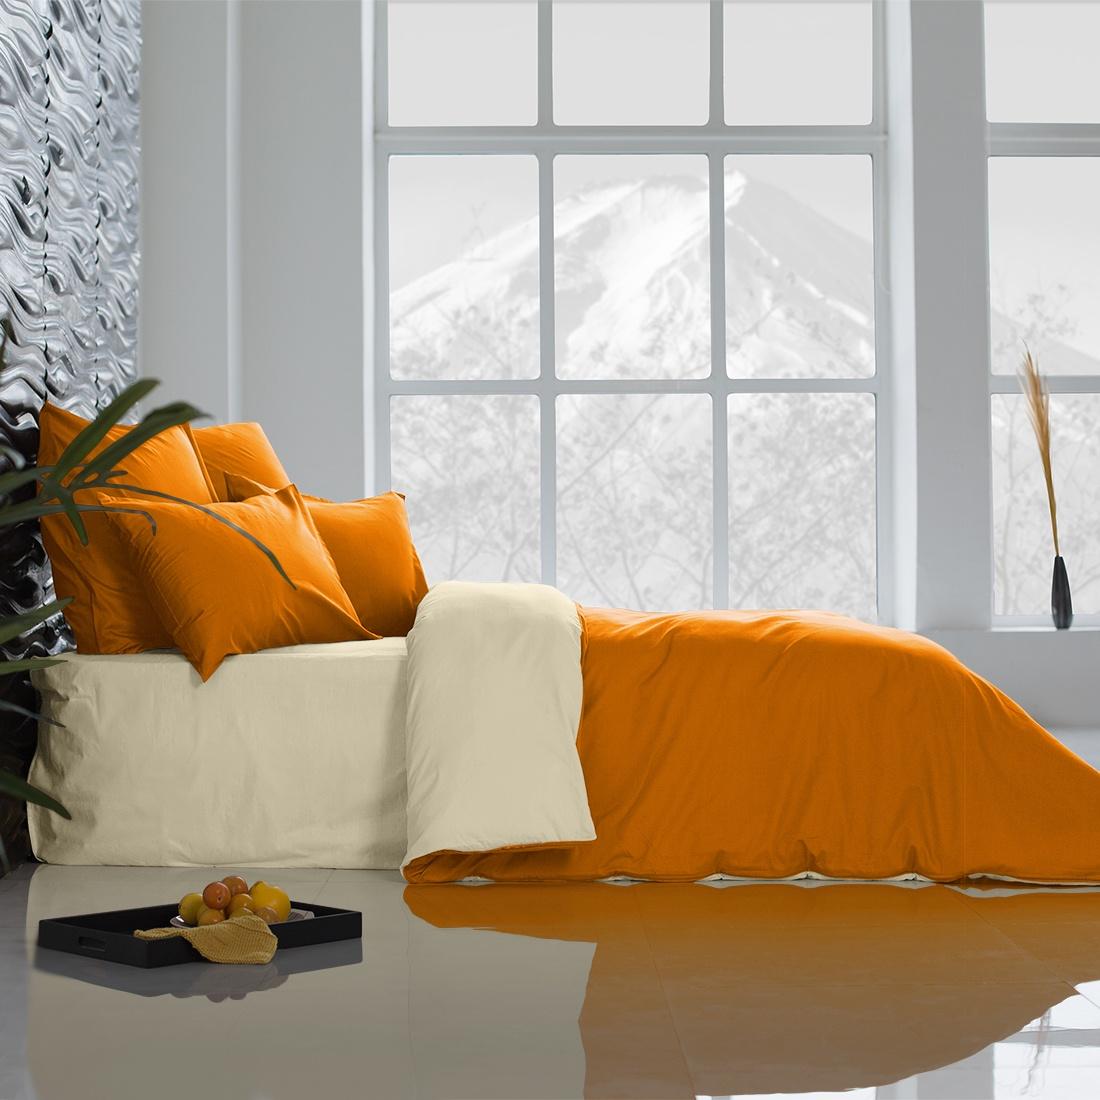 Комплект постельного белья Sleepix Совершенство, оранжевый, кремовыйpvao367703Микрофреш - это новинка в производстве ткани. Нежная, легкая, неприхотливая в уходе, а также абсолютно гипоаллергенная. является совершенной тканью нового поколения, значительно превосходит хлопковые ткани по своим свойствам.